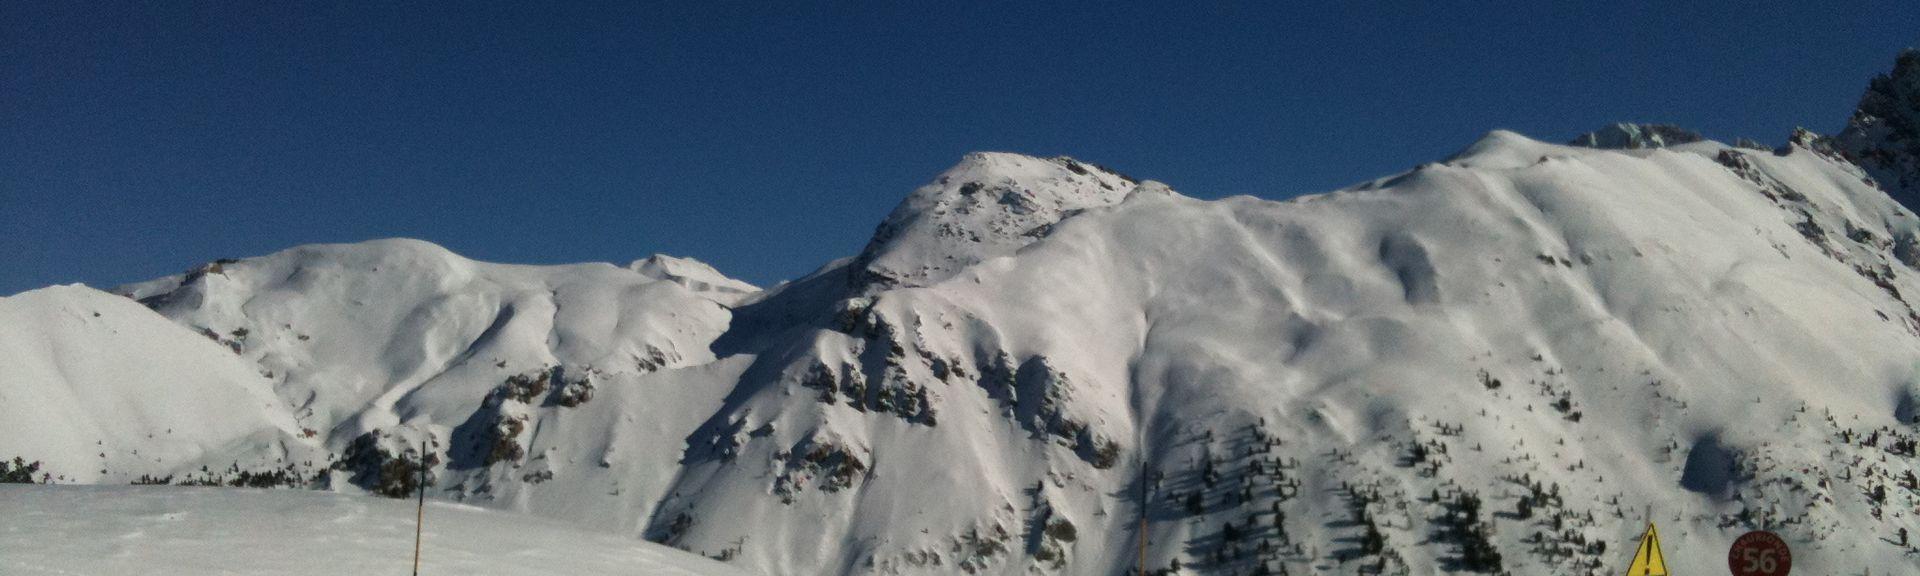 Pure Snowschool, Vars, Hautes-Alpes, Frankrijk